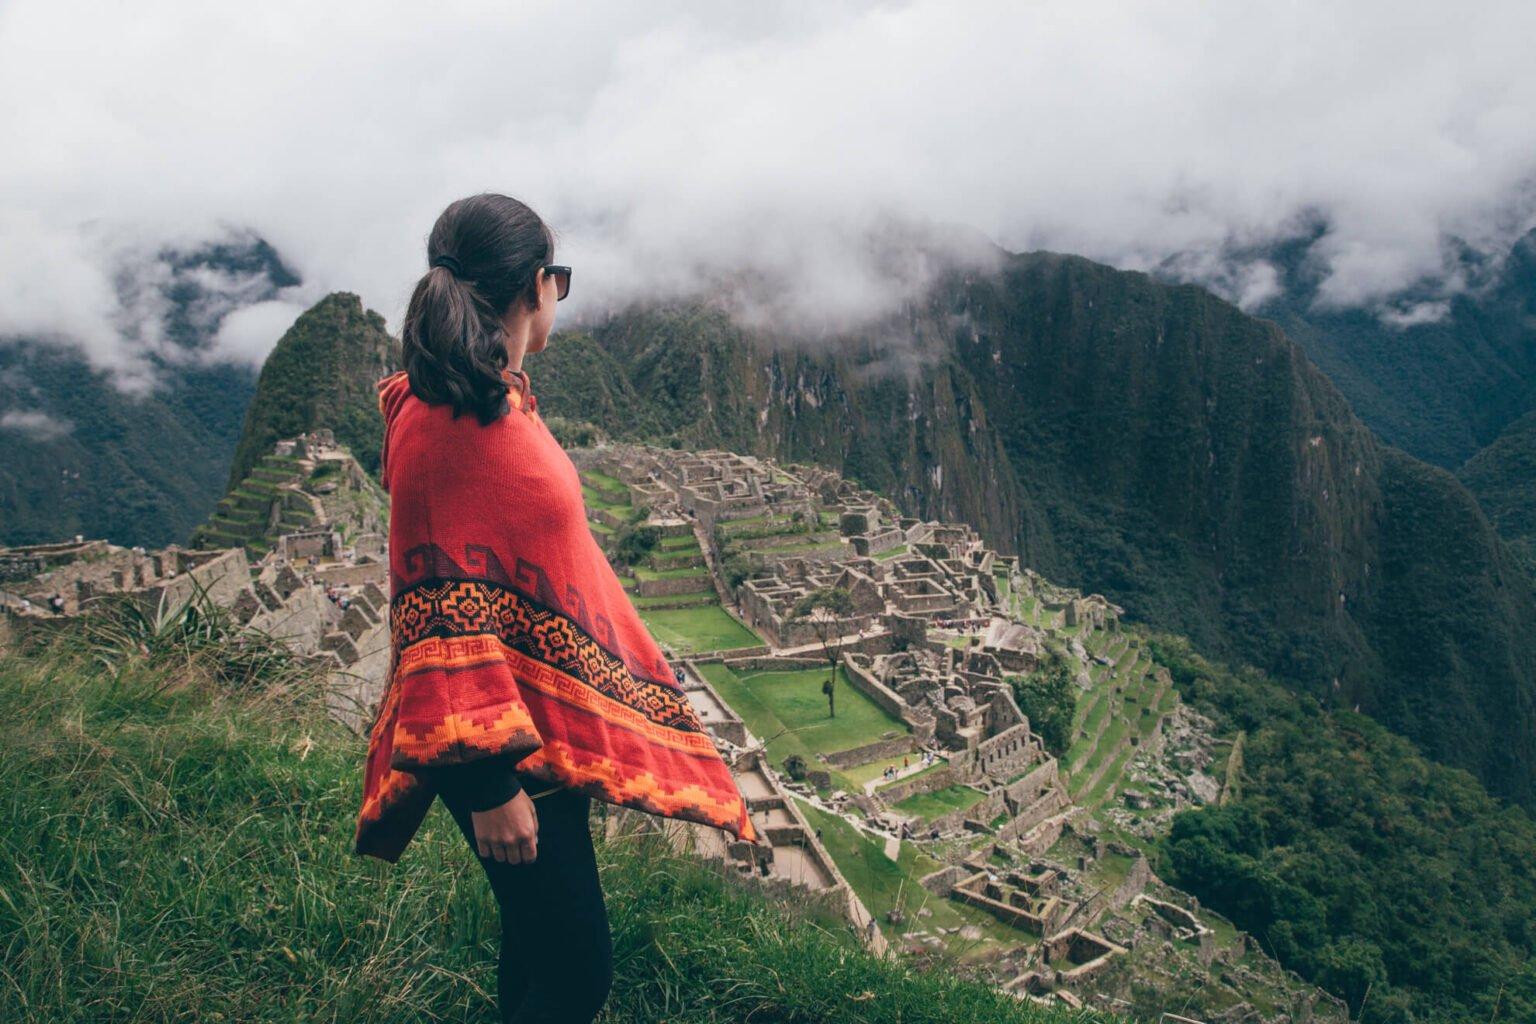 Vista clássica de Machu Picchu, a cidade perdida dos incas | 7 dicas para conhecer Machu Picchu